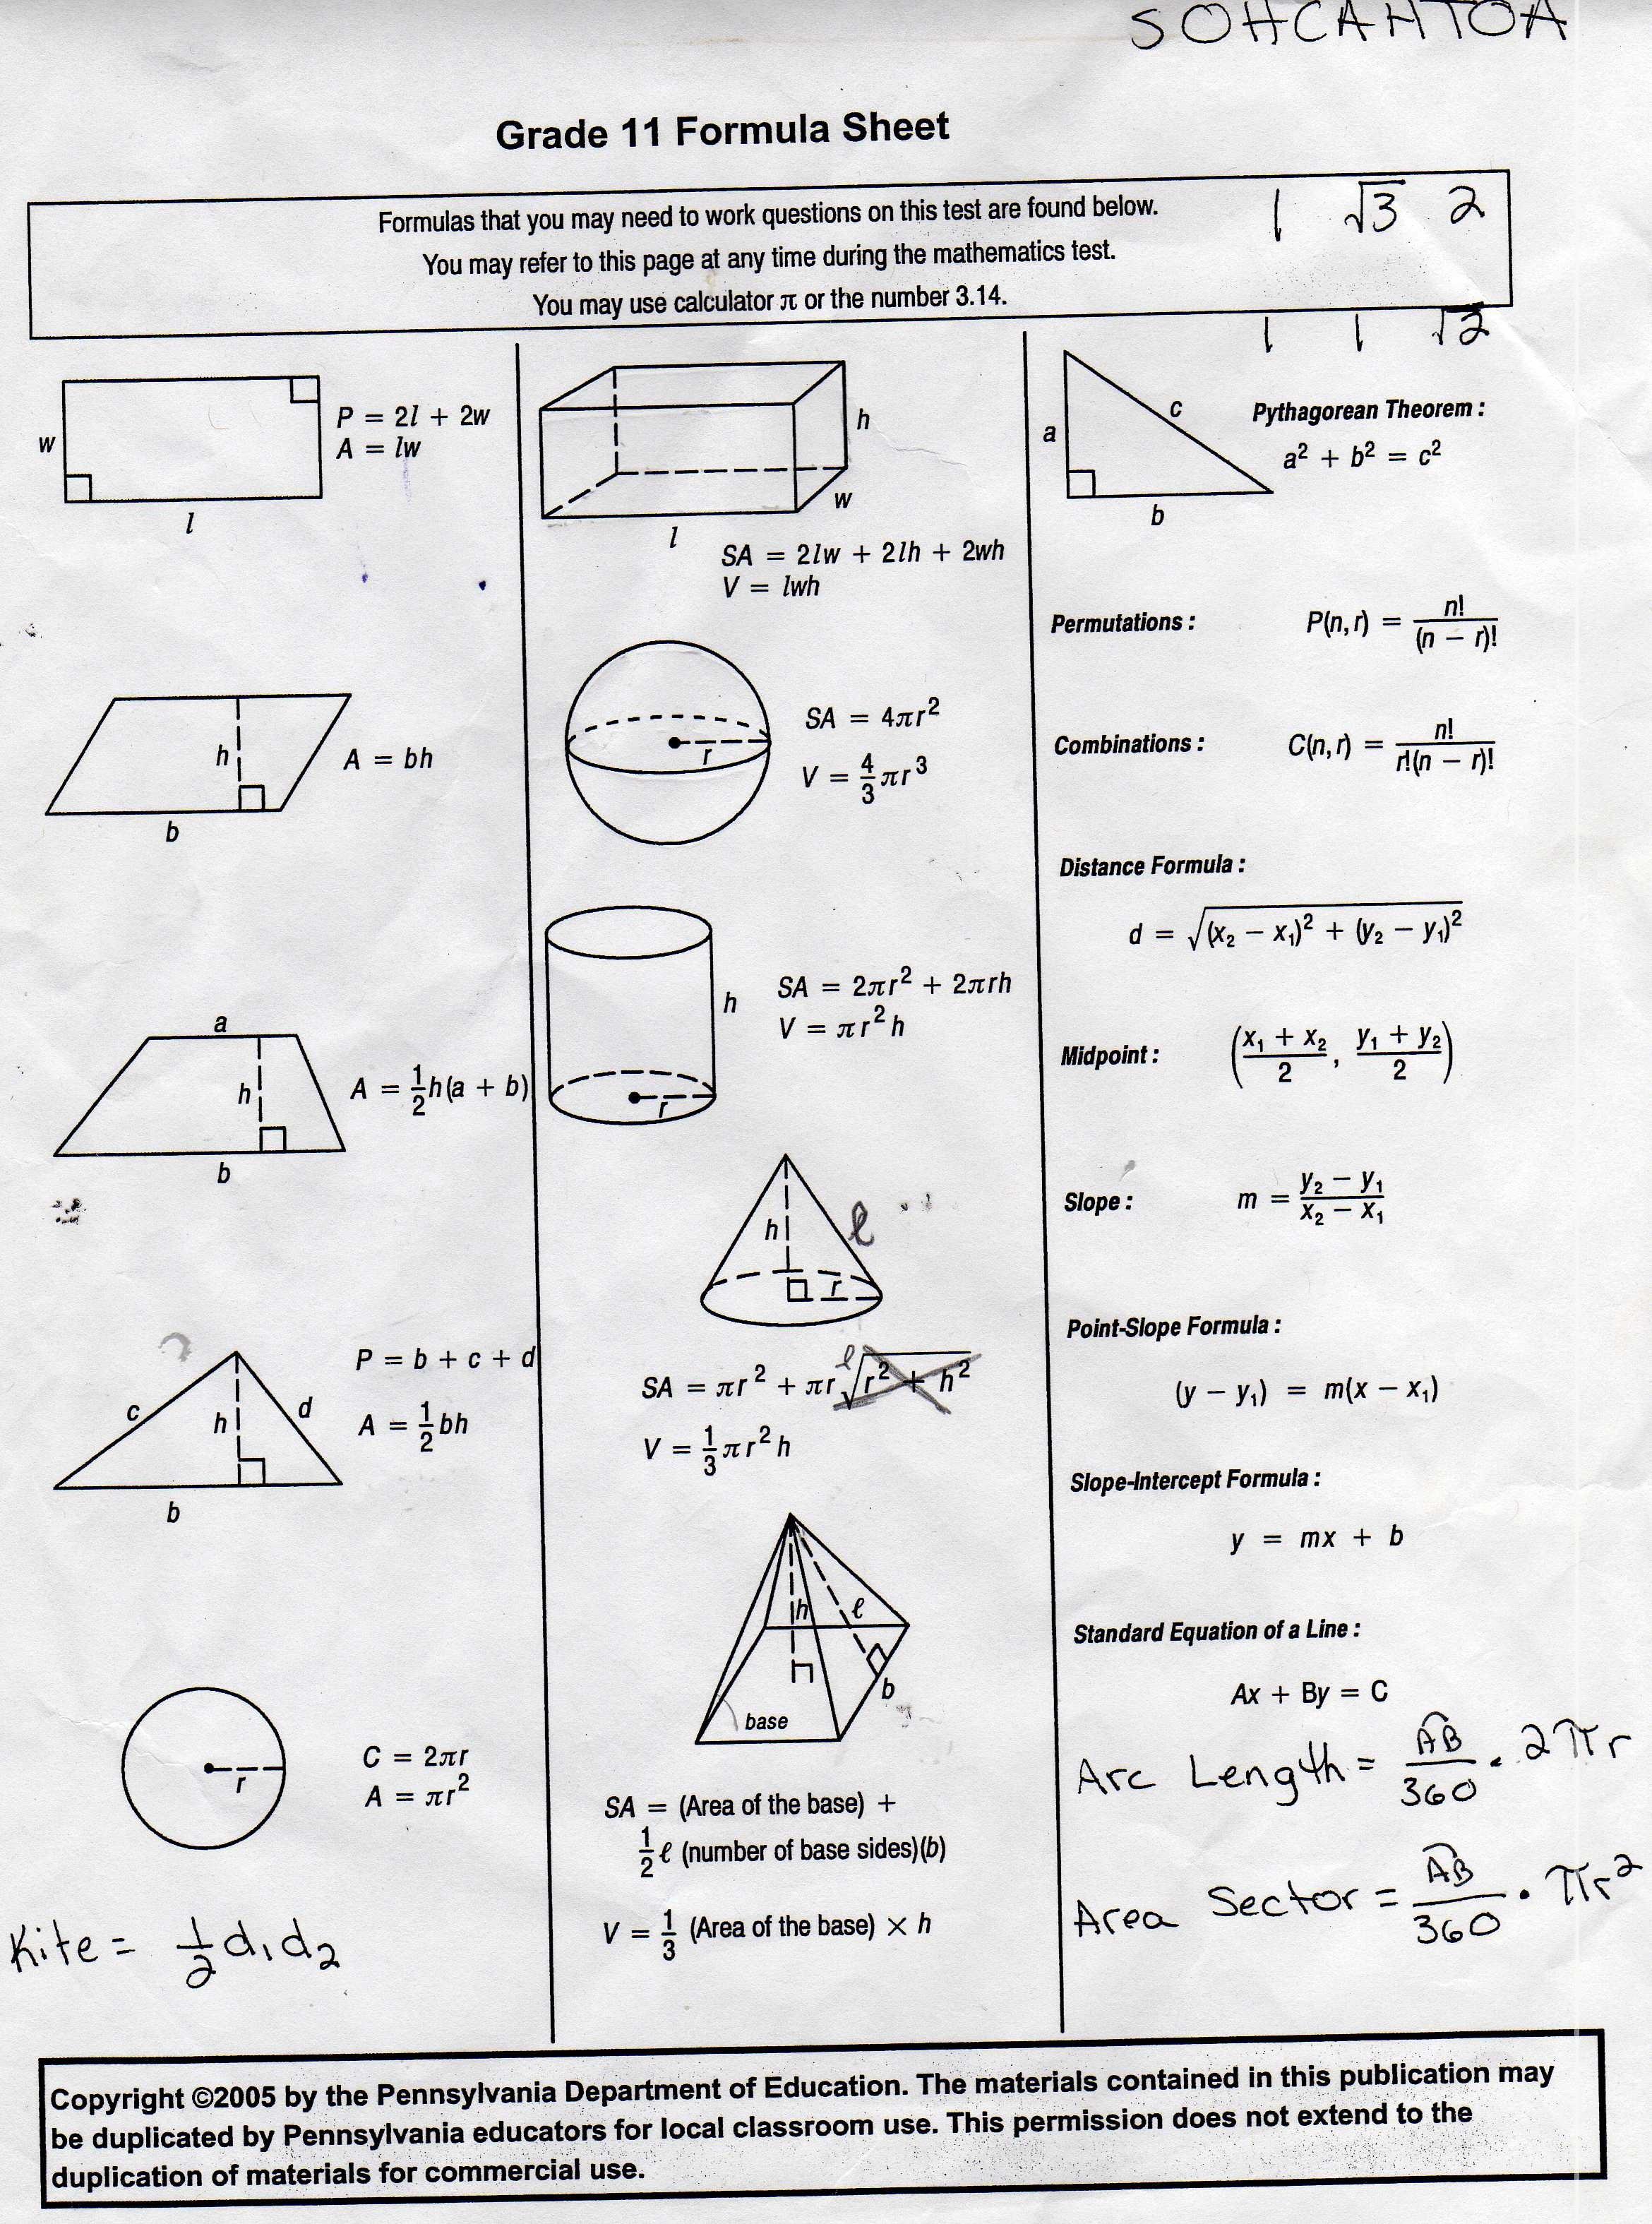 9th Grade Geometry Worksheet  640337